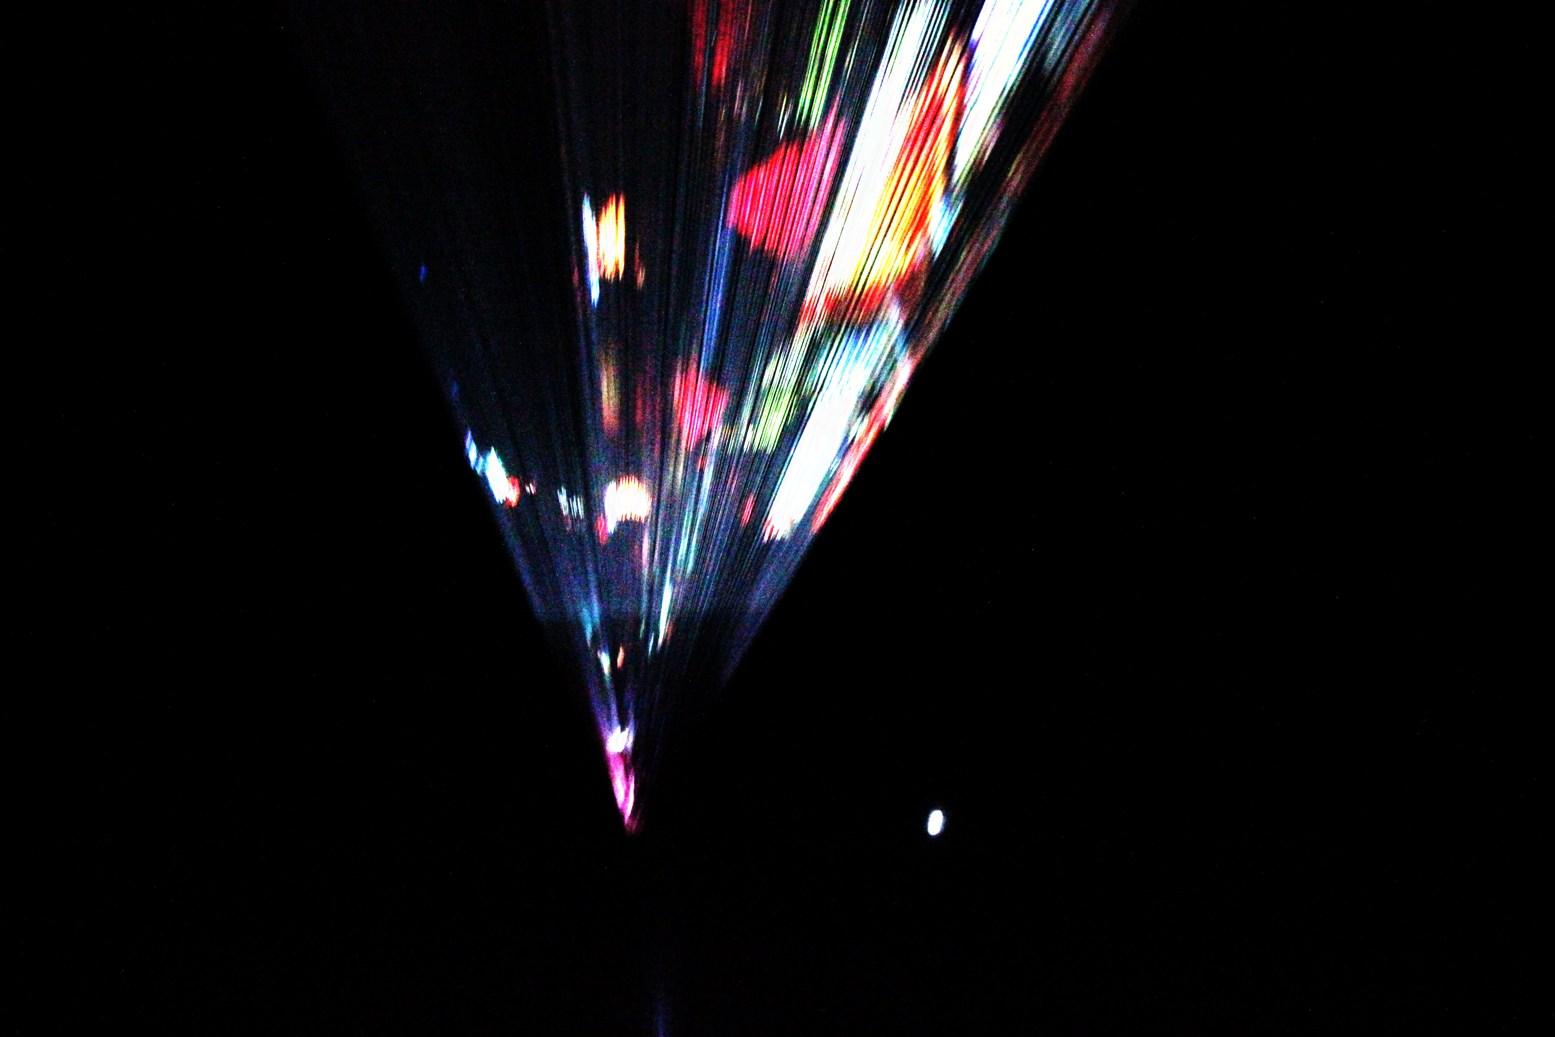 Fili Colorati Per Lampadine: Fili colorati per lampadine luci presepe illuminazione lanterne.